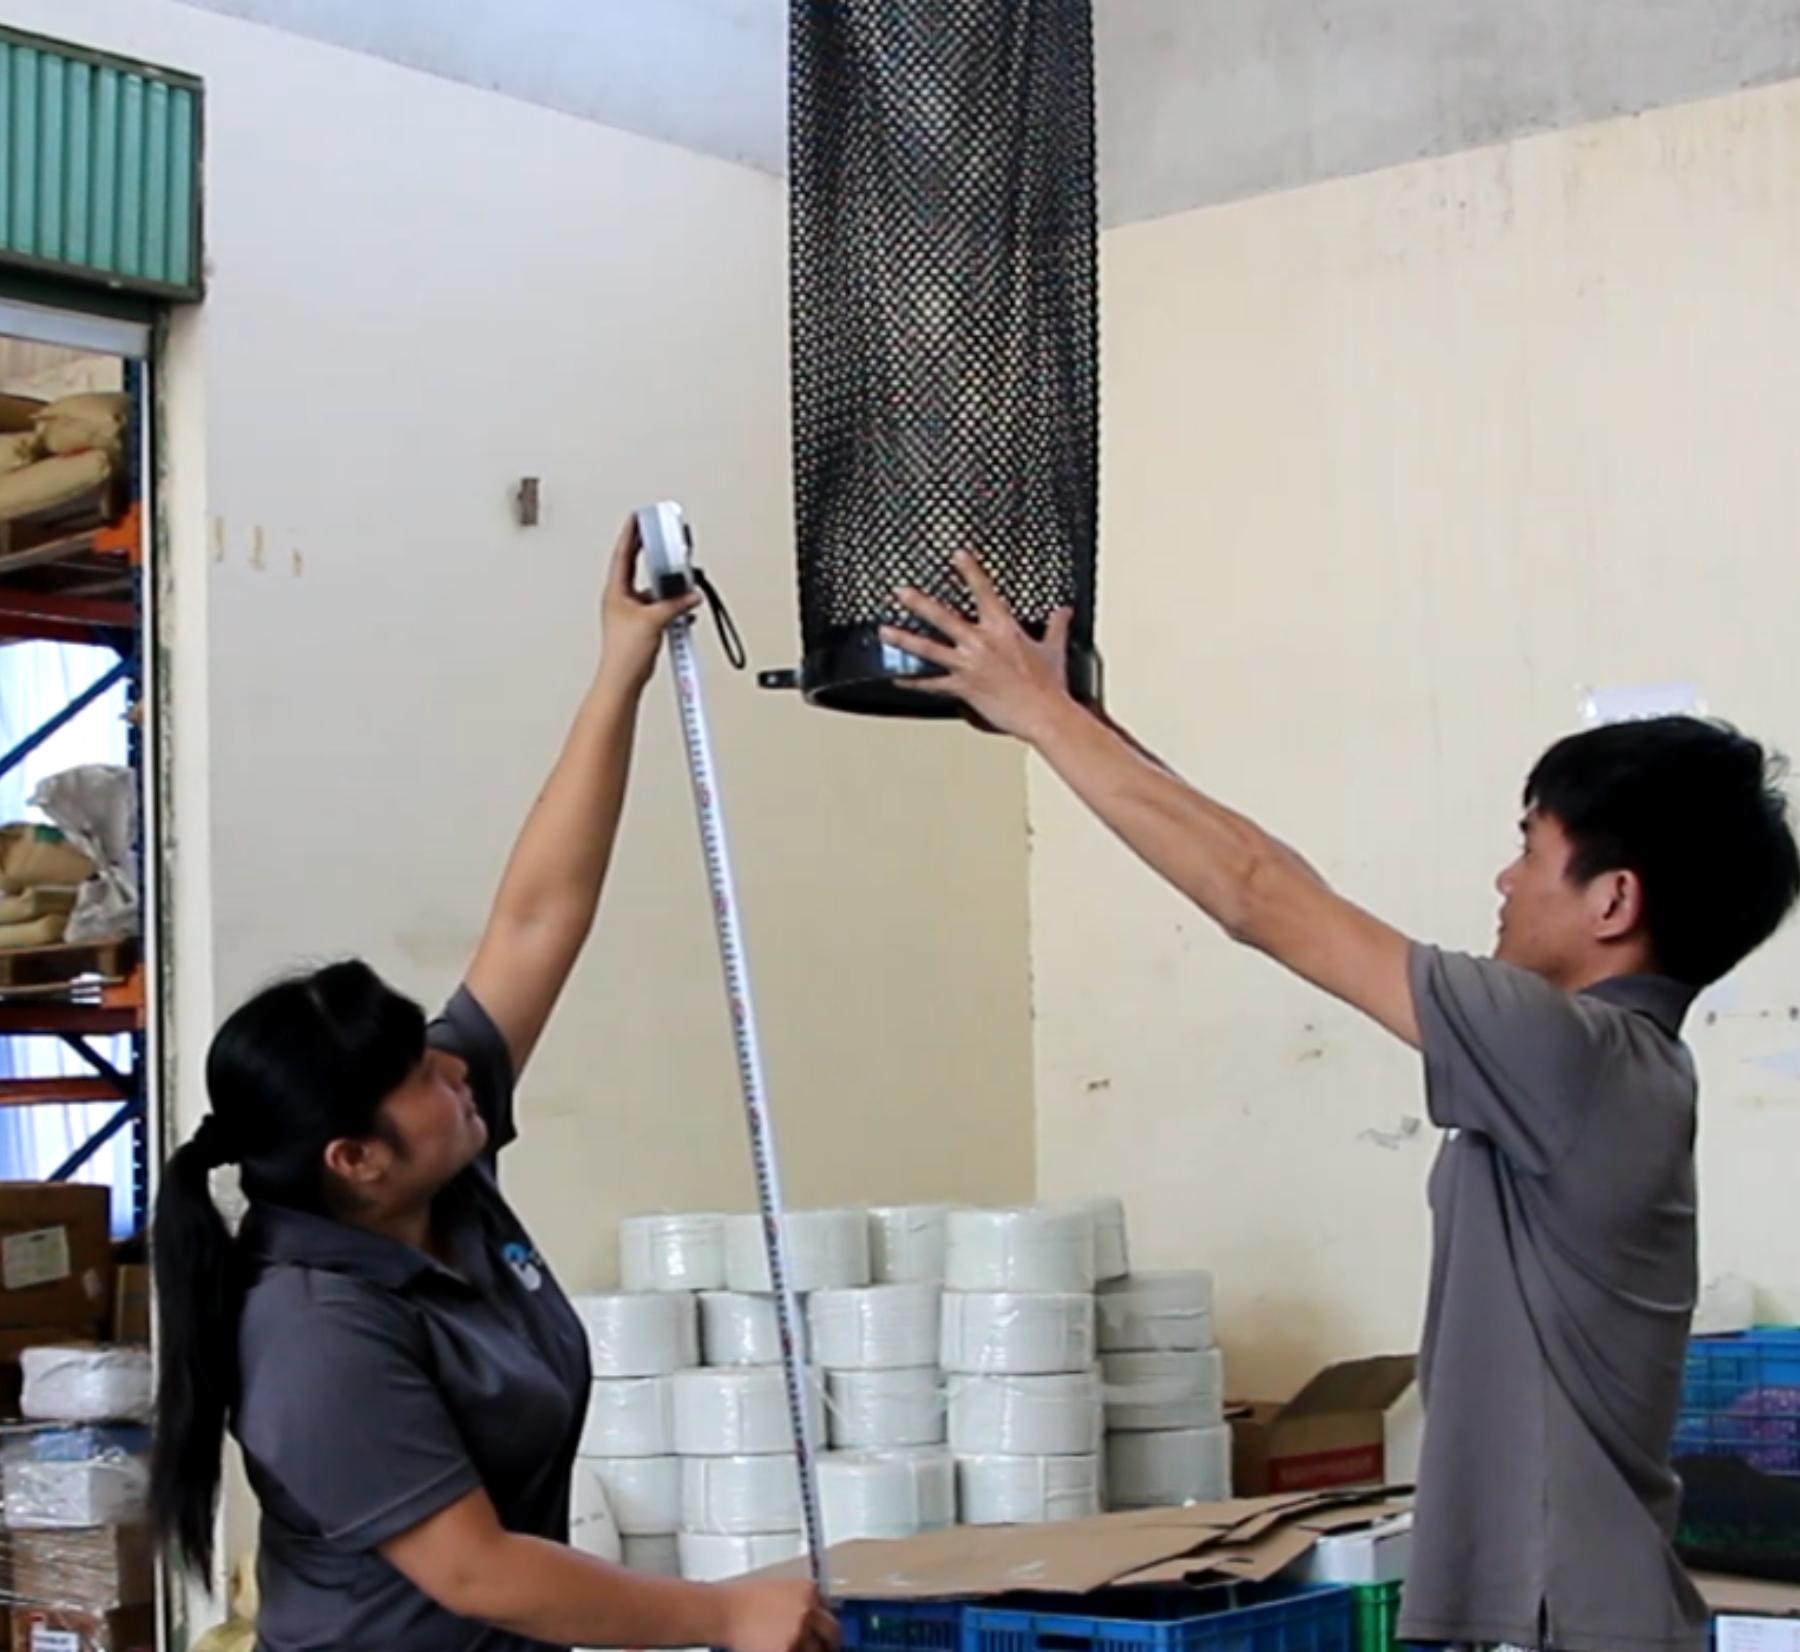 Testing Equipment Zapco Aquaculture Oyster Farming Equipment